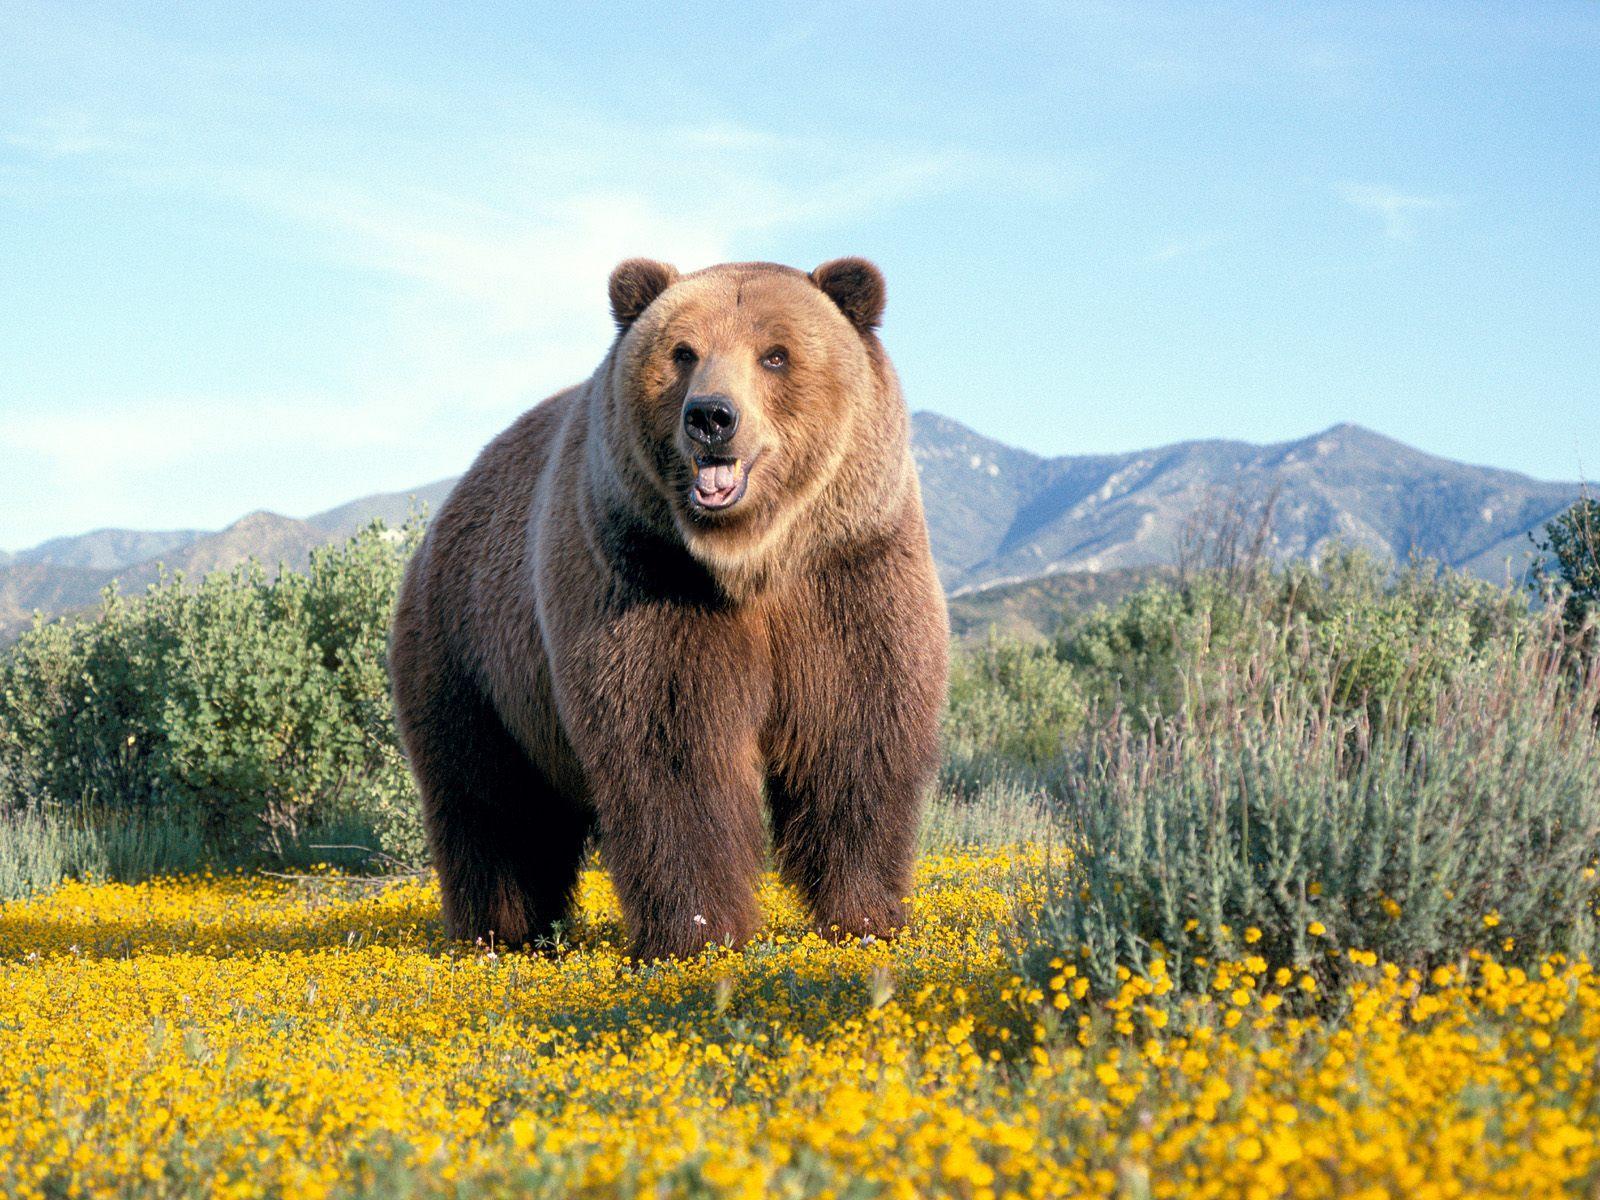 http://1.bp.blogspot.com/-QBZbSQUqQ94/UXsDuZqJ1OI/AAAAAAAAA2I/2M96_Mh390Q/s1600/The-best-top-desktop-bears-wallpapers-hd-bear-wallpaper-3-huge-brown-bear.jpg